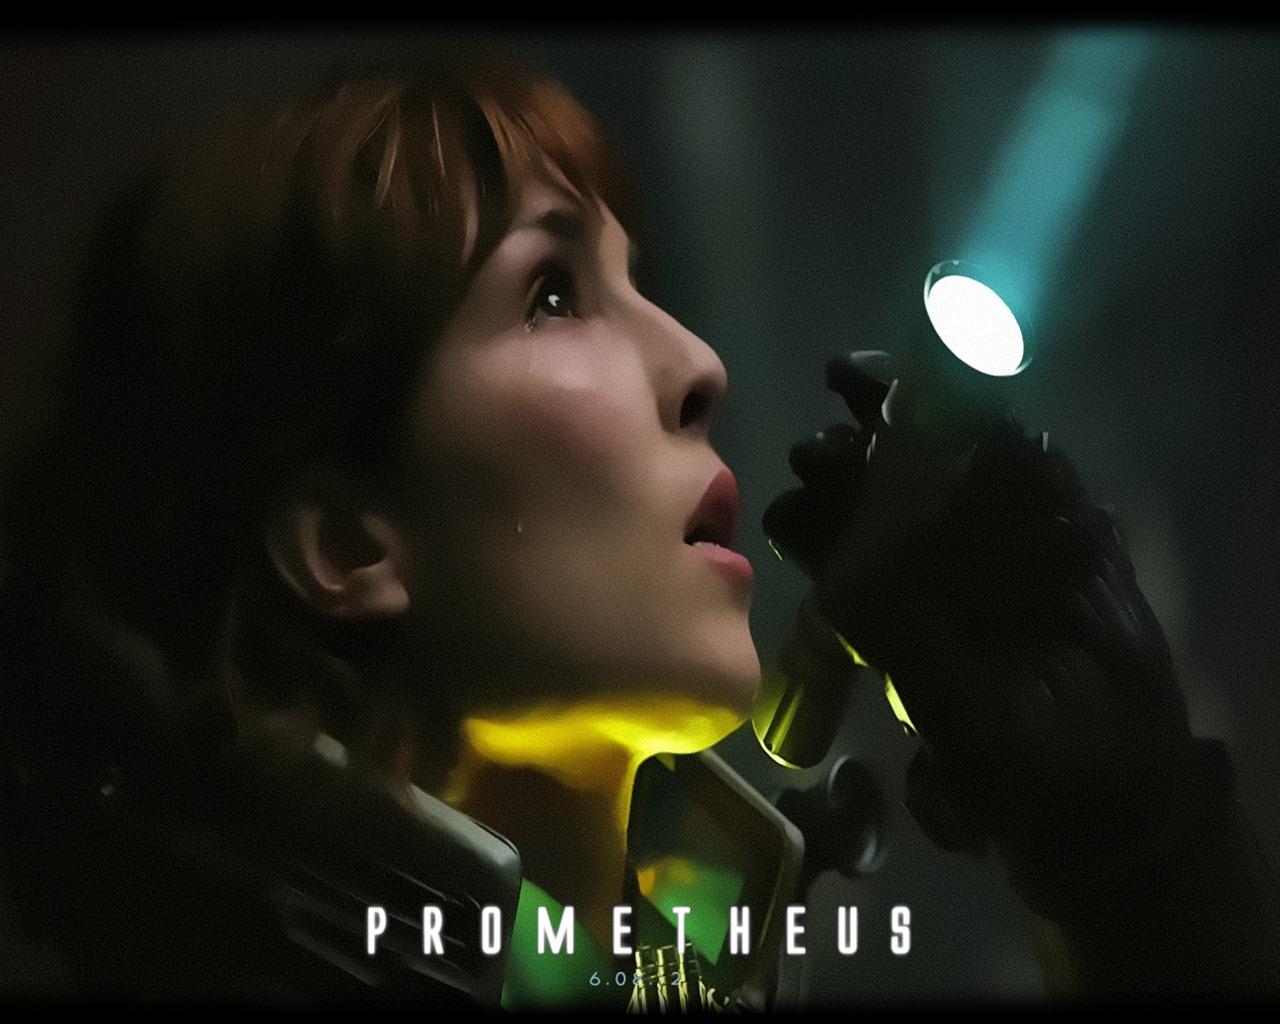 プロメテウス (映画)の画像 p1_29